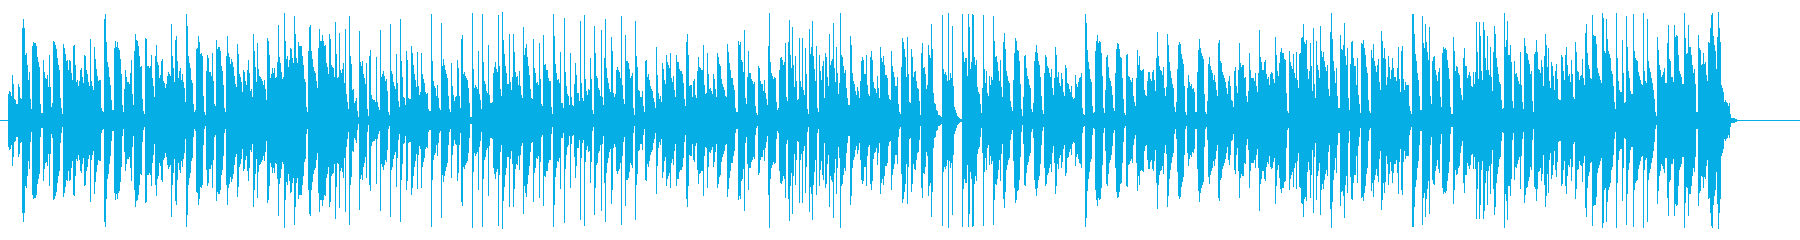 【カントリー】可愛い_ほのぼのの再生済みの波形